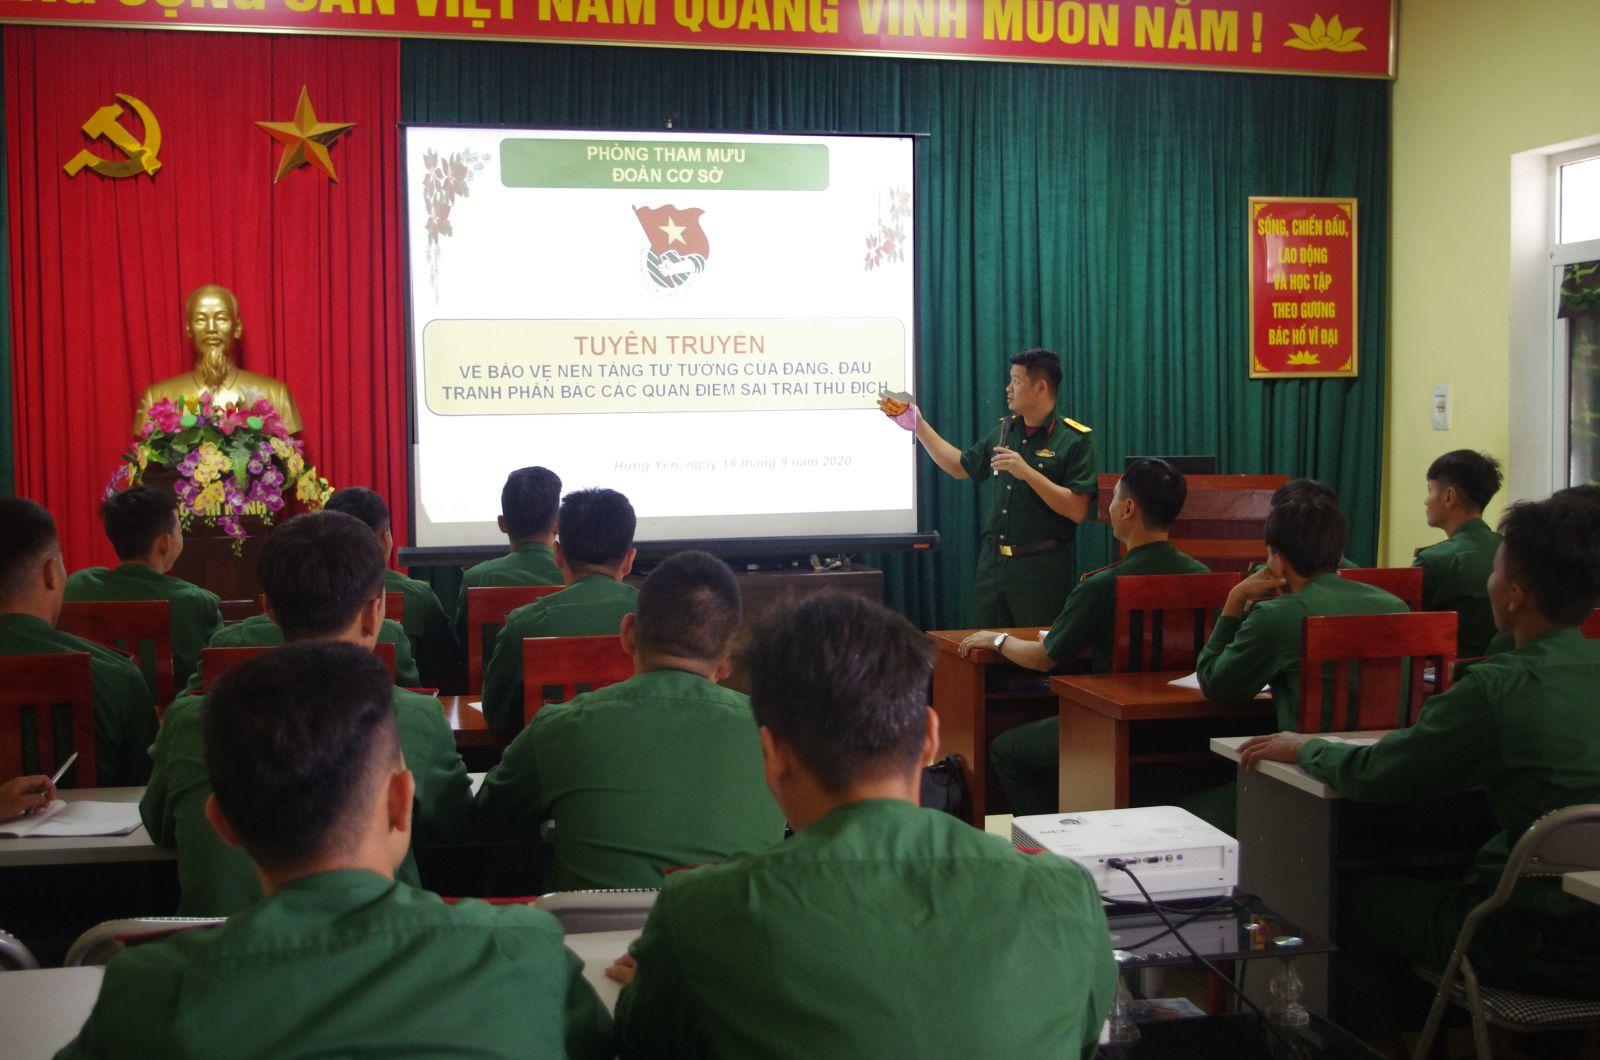 Đoàn TN Bộ CHQS tỉnh tổ chức tập huấn bảo vệ nền tảng tư tưởng của Đảng, đấu tranh phản bác các quan điểm sai trái, thù địch.